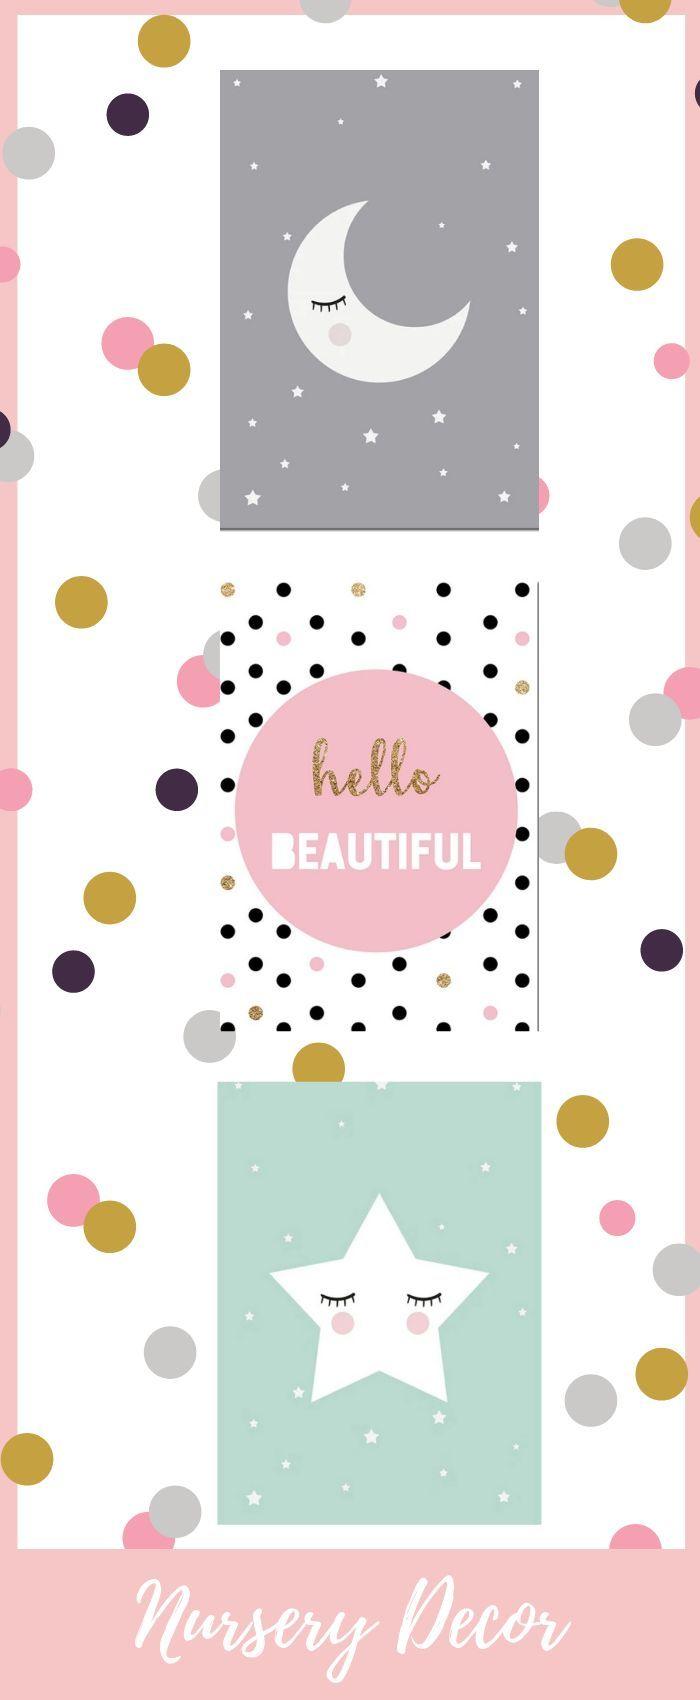 Delicieux Nettes Einhornplakat Für Eine Inspirationsmädchen Schlafzimmeridee,  Erstaunliches Geschenk | Nurser ... #